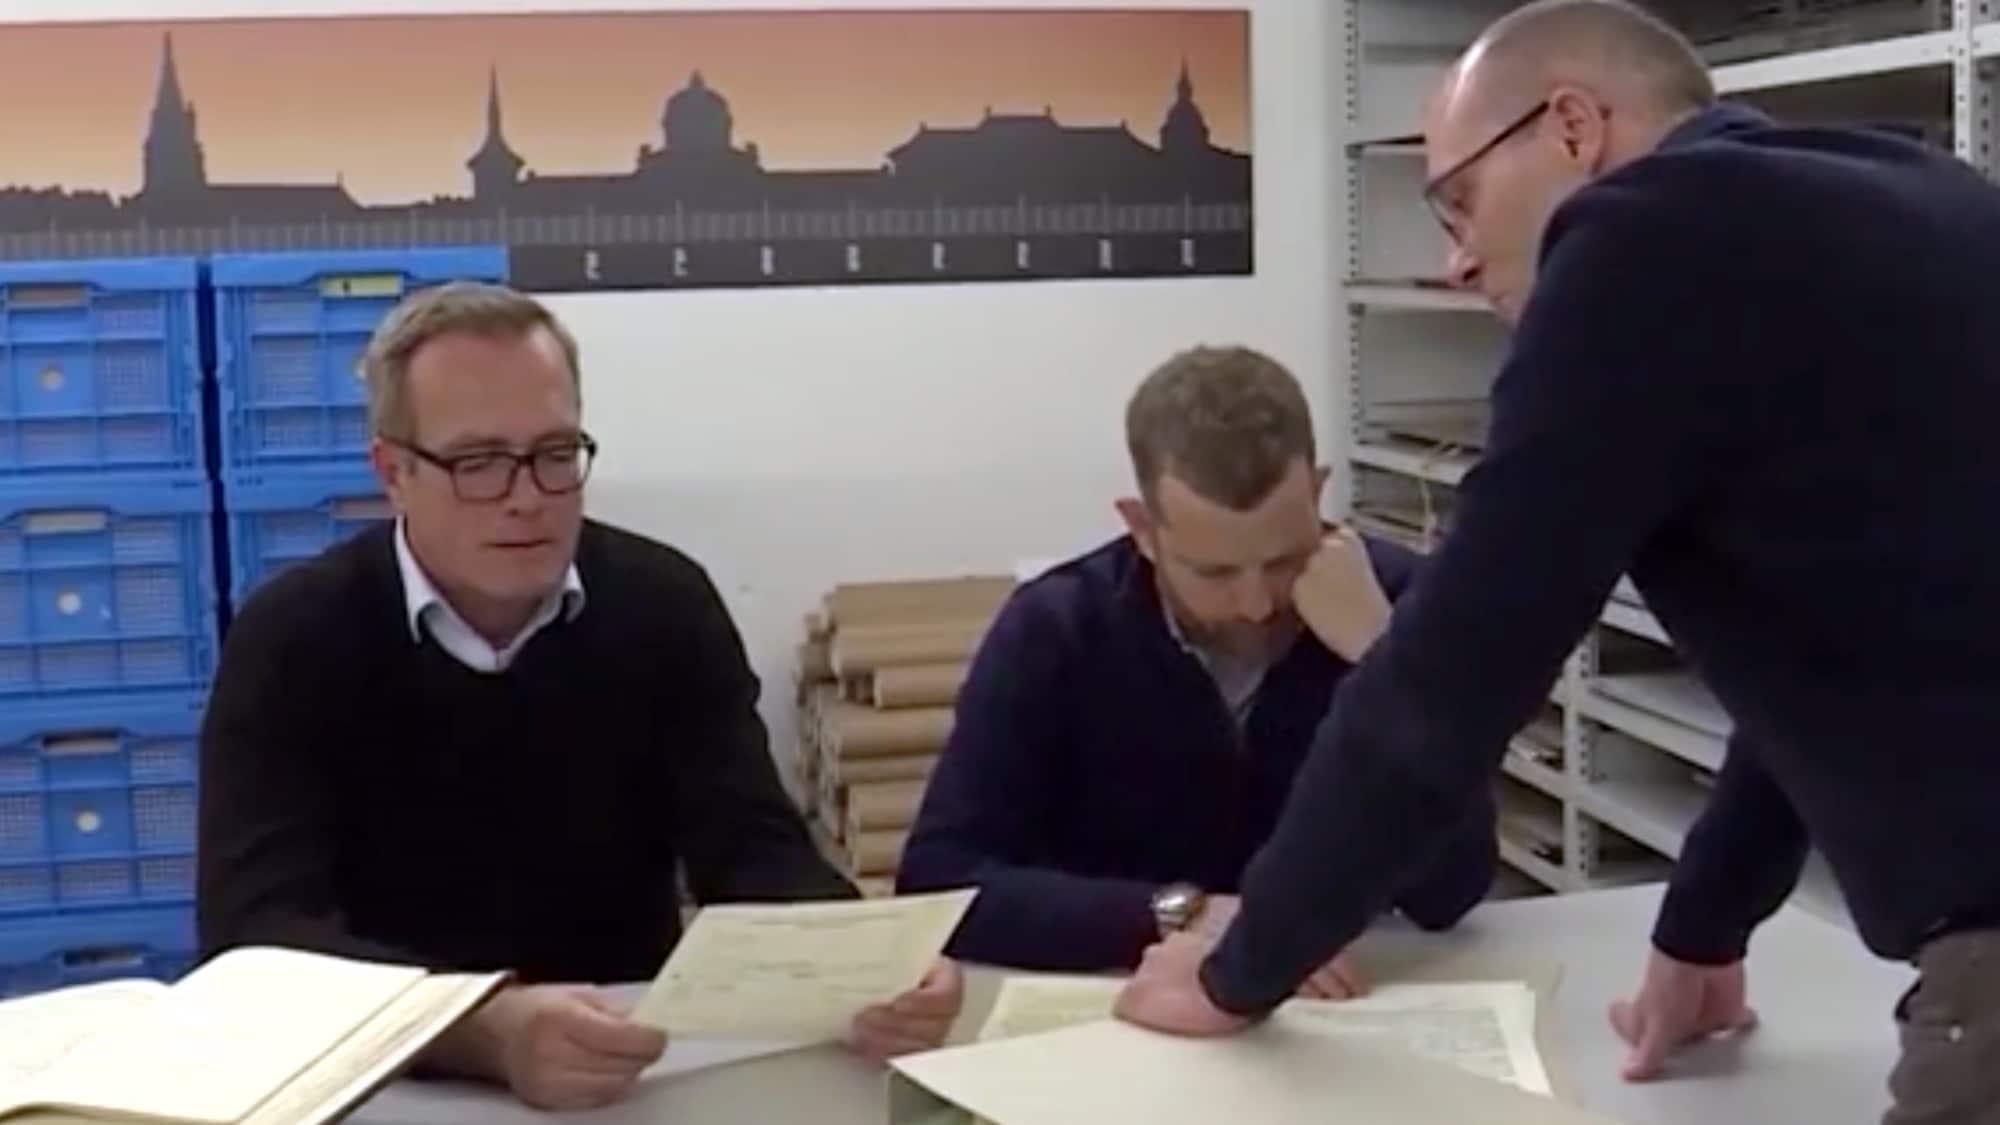 Wiener Vater hinterlässt unehelicher Tochter hunderttausende Franken: Berner Erbin verzweifelt gesucht